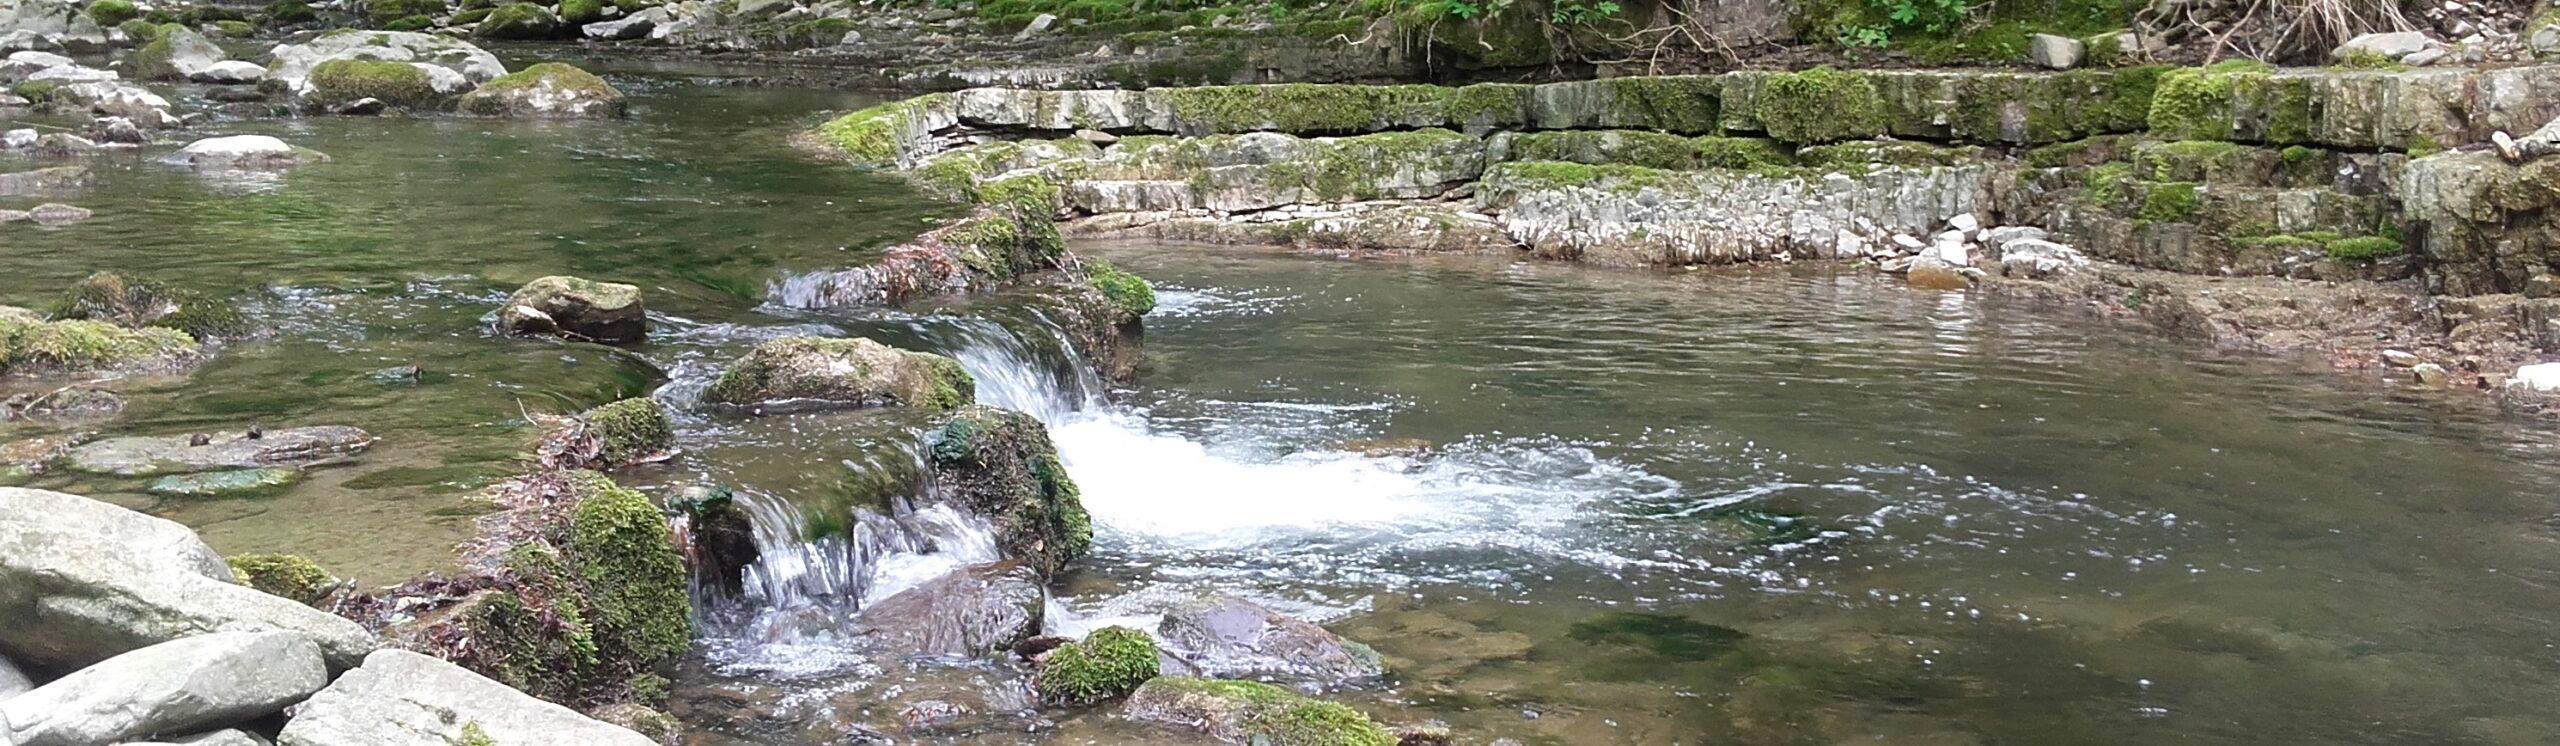 Notions de base sur l'eau : quelques définitions